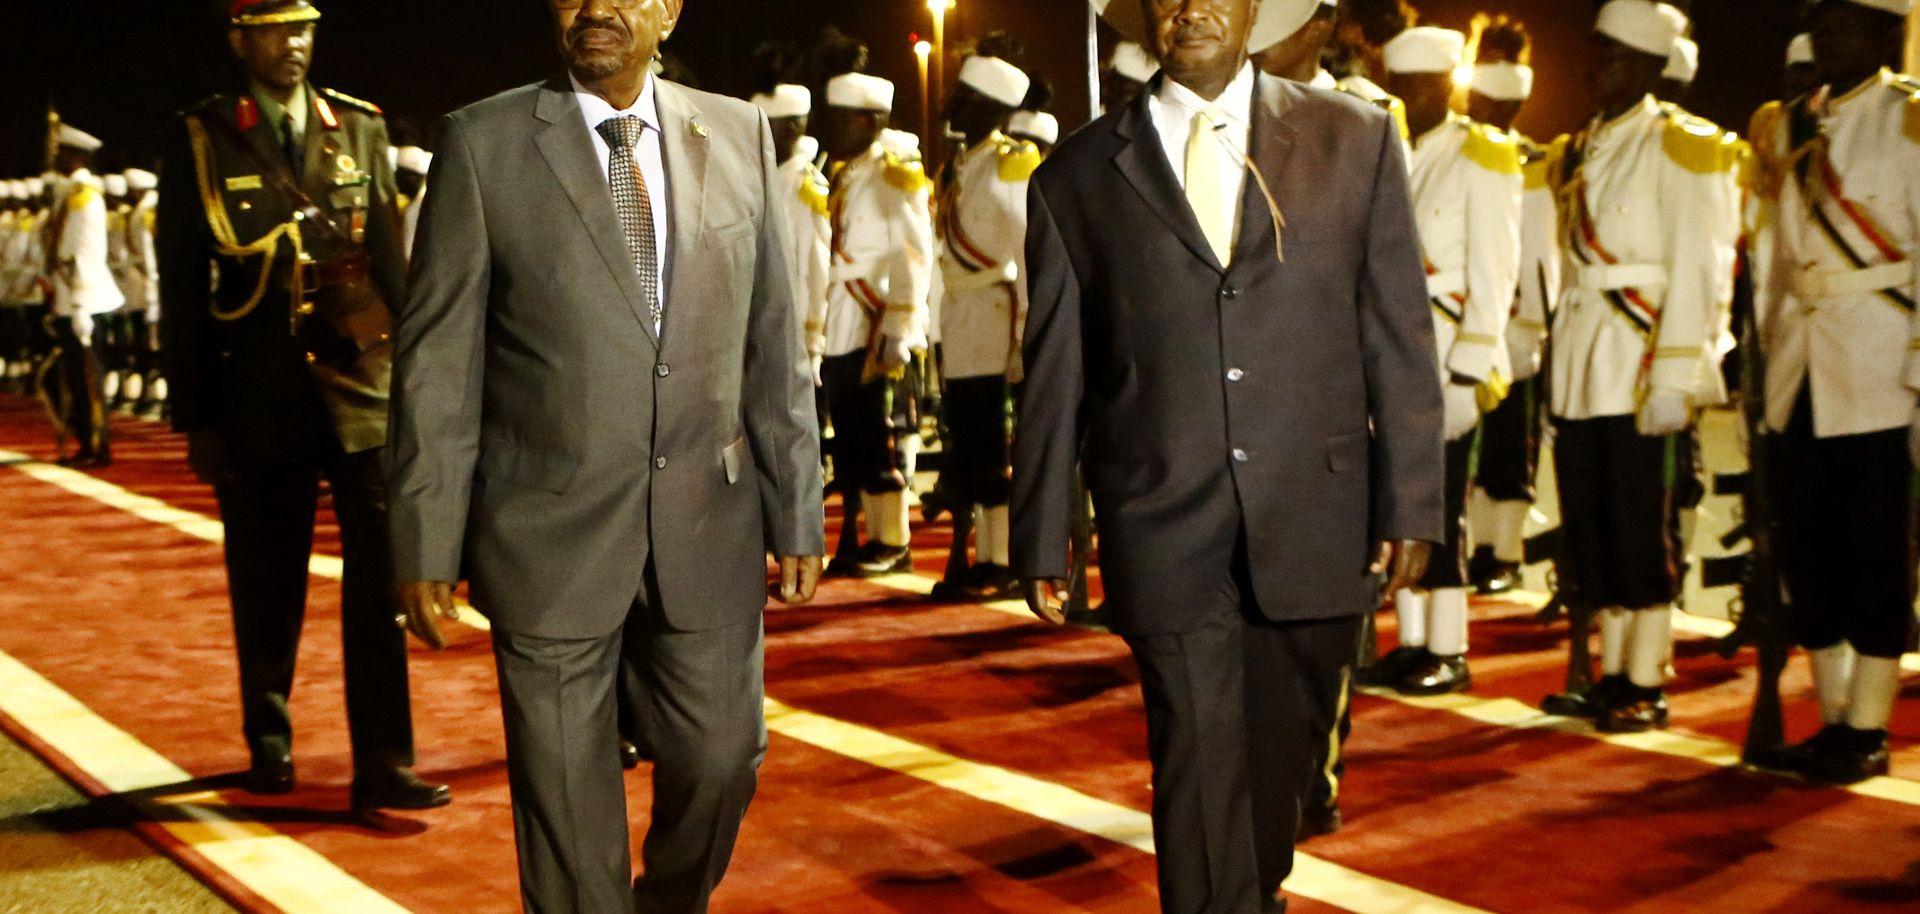 Sudan, Uganda: The End of a Rivalry